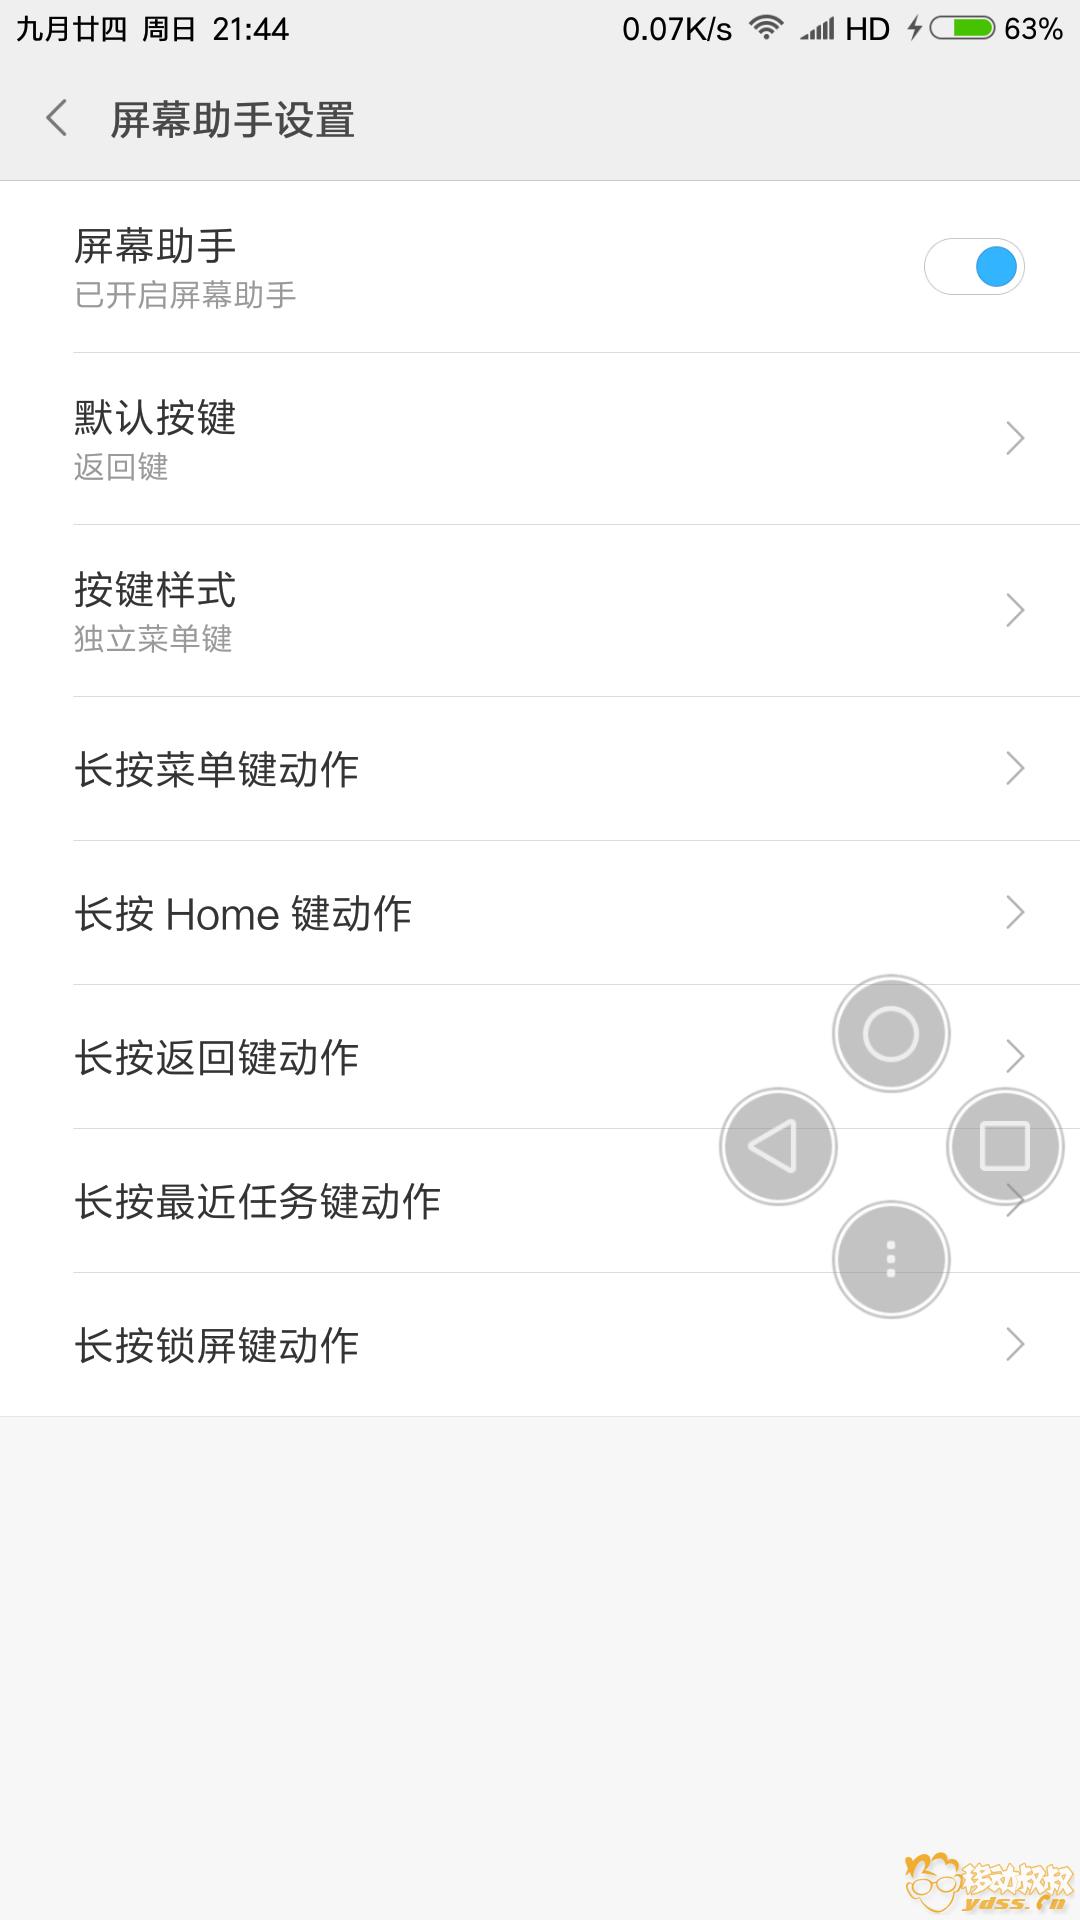 Screenshot_2017-11-12-21-44-26-849_com.kangvip.tools.png